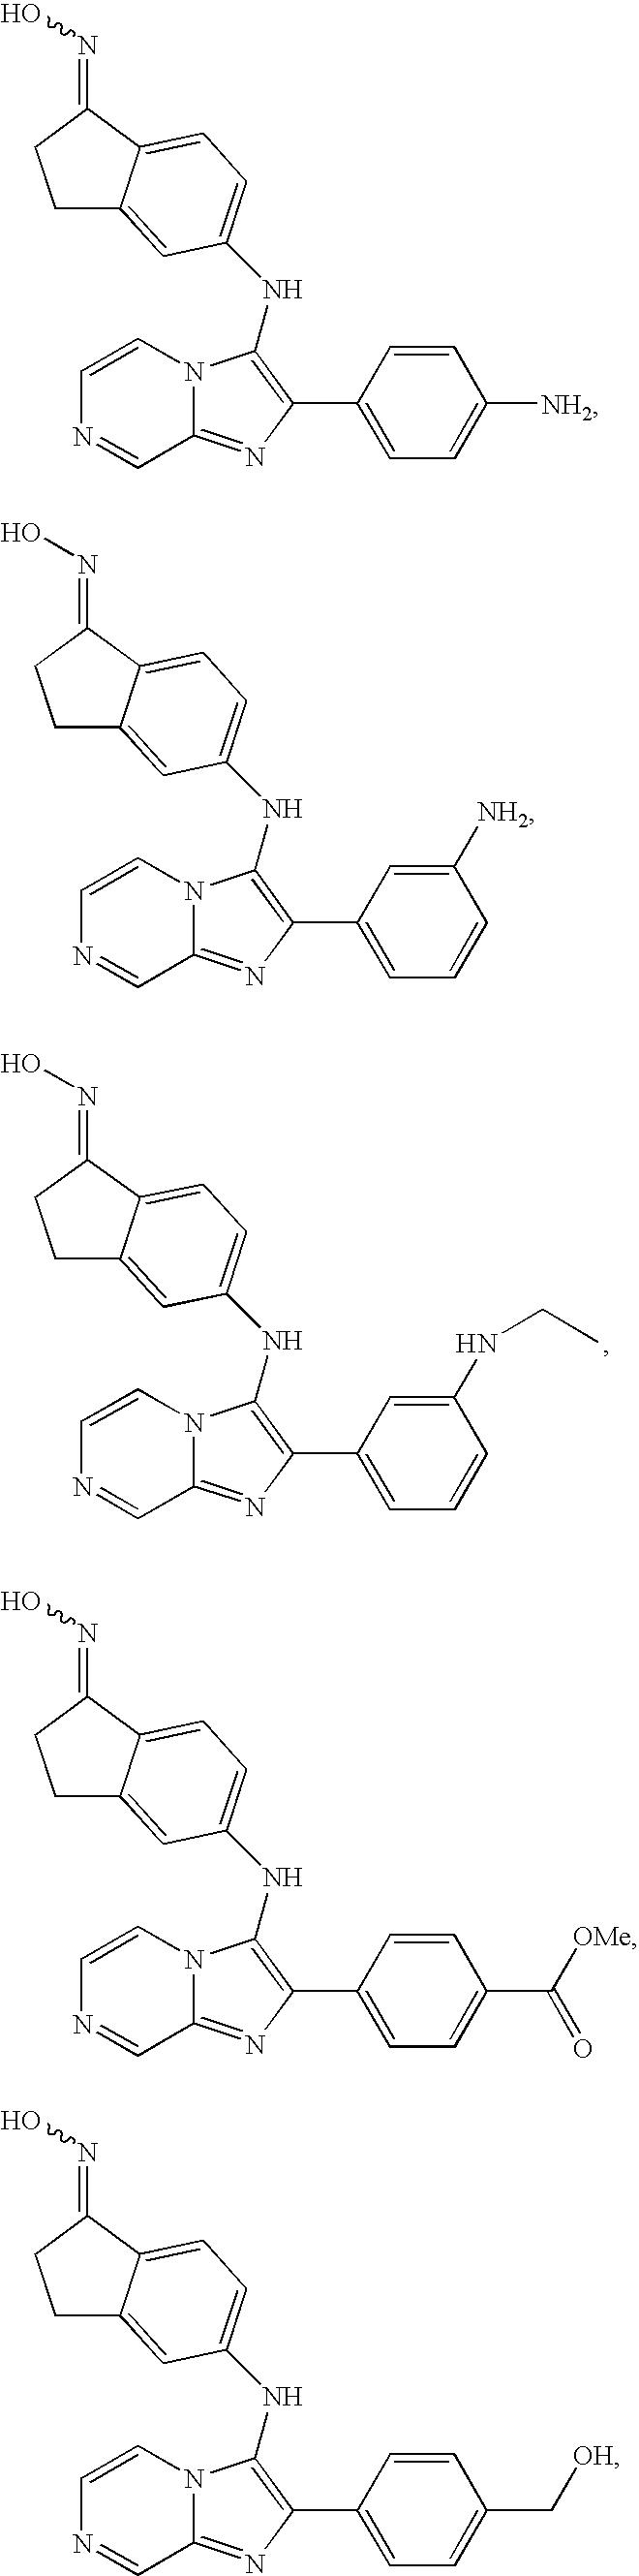 Figure US07566716-20090728-C00133